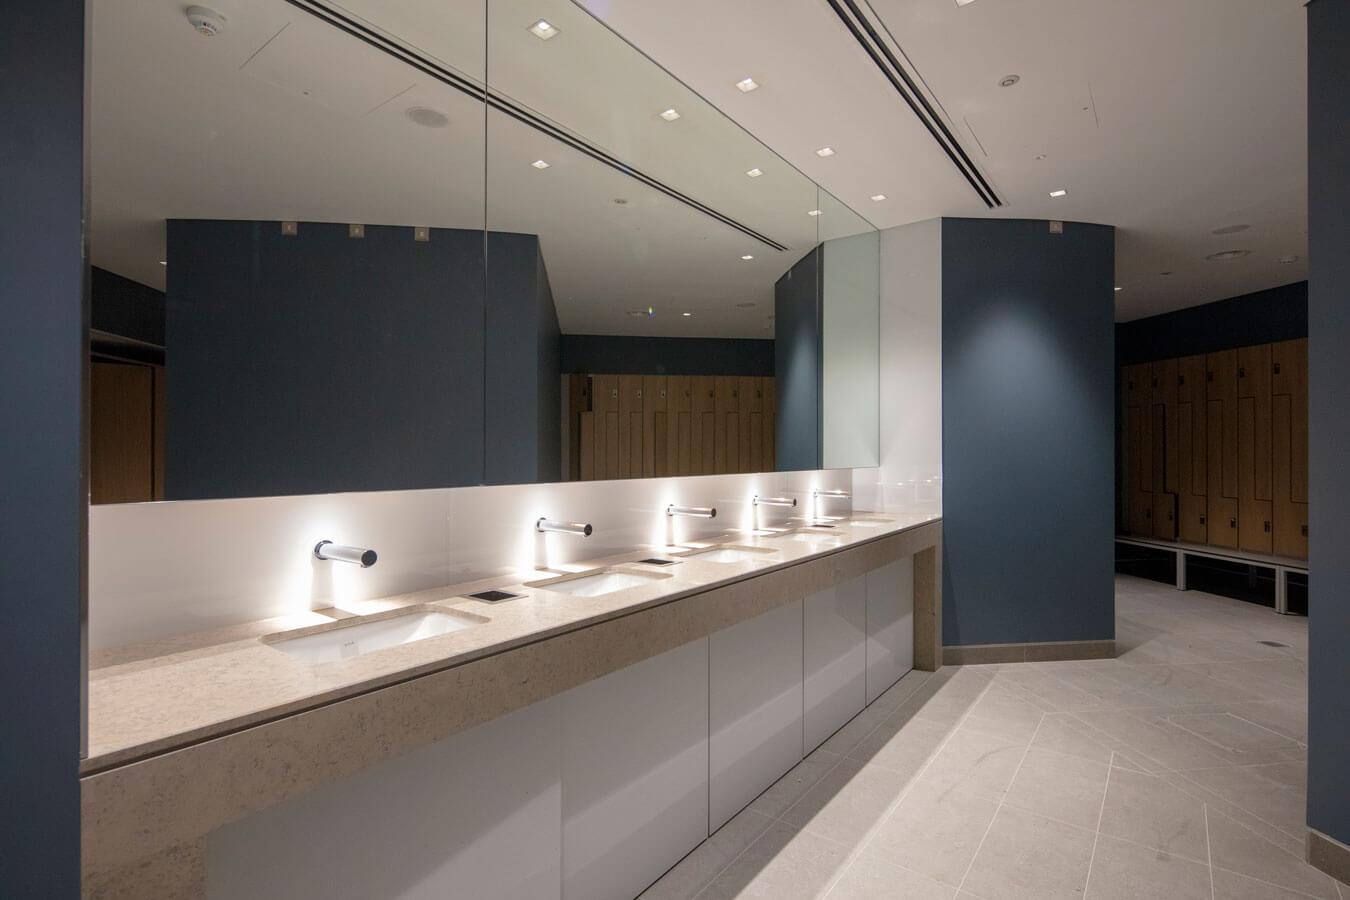 The Seamark Building Dublin Bathroom View